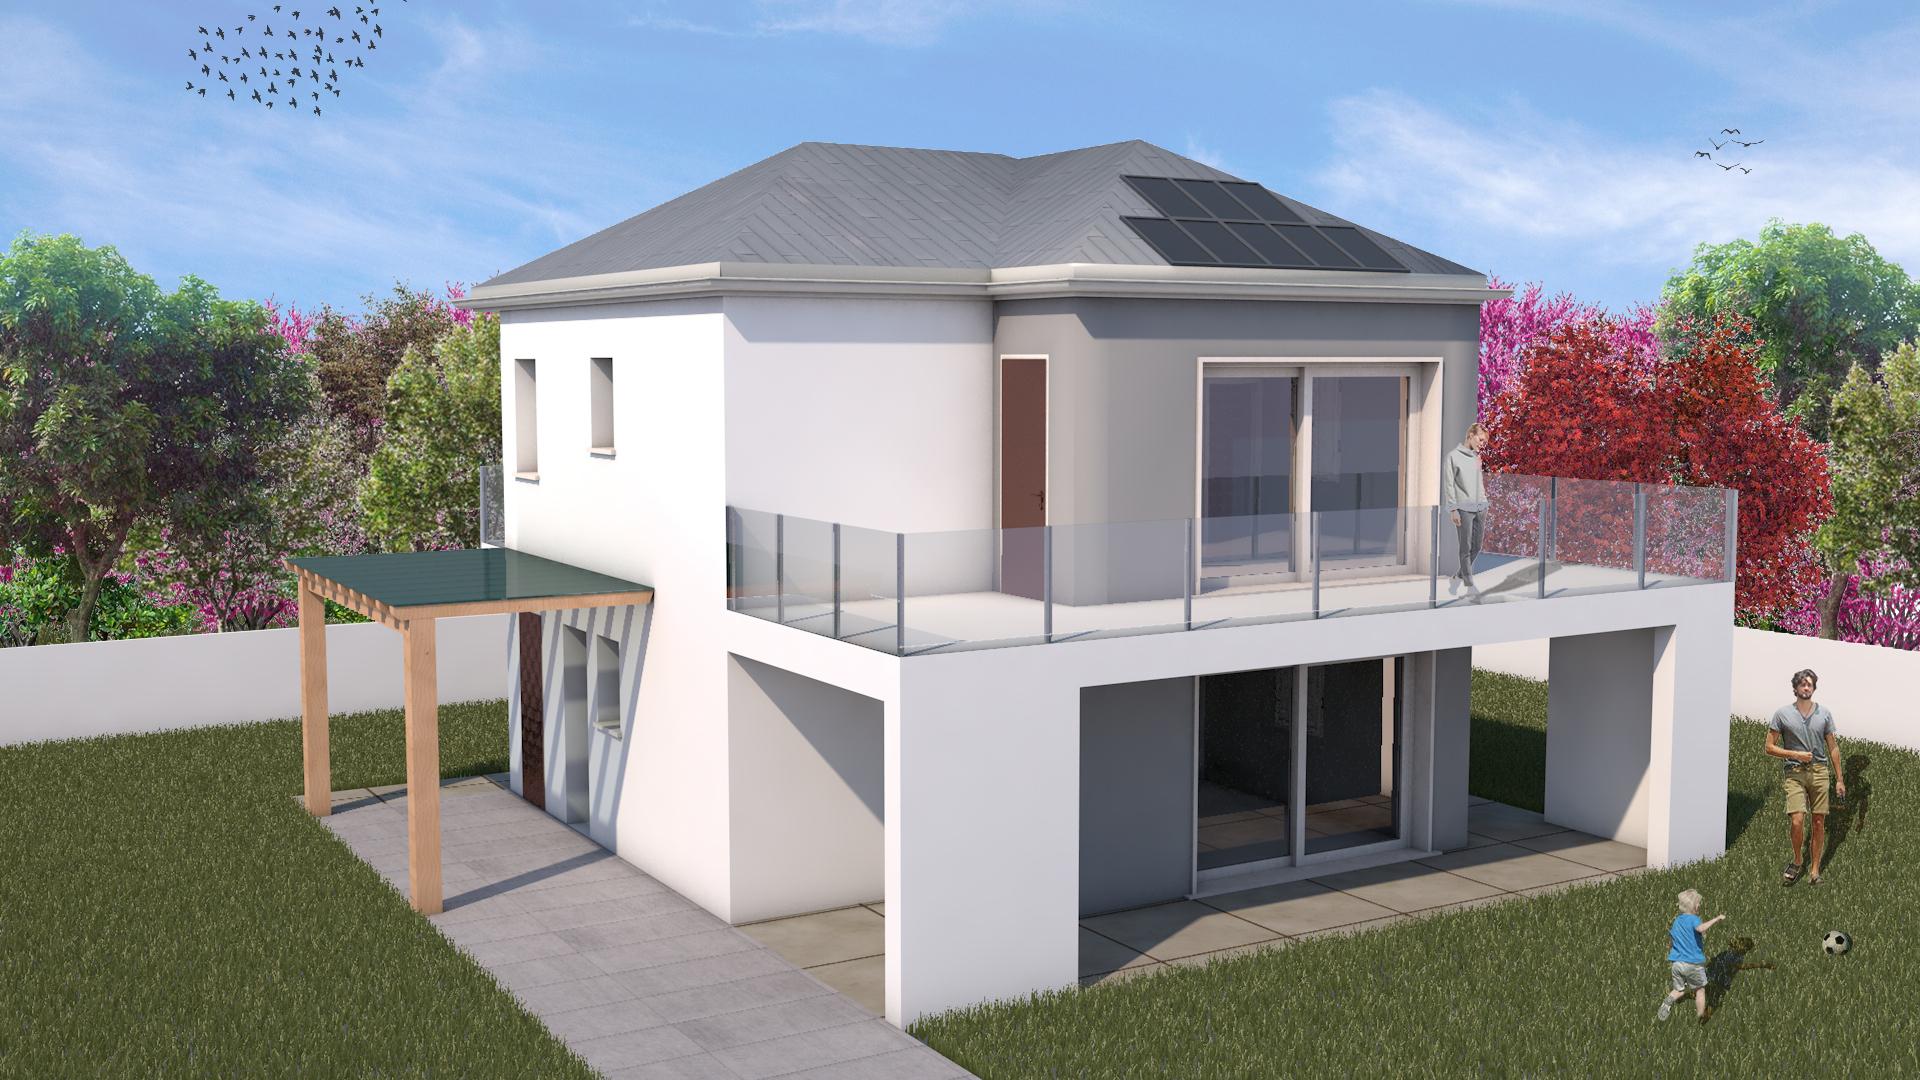 Costo Costruzione Casa Al Grezzo linea moderna - casa personalizzabile, ecologica, energetica